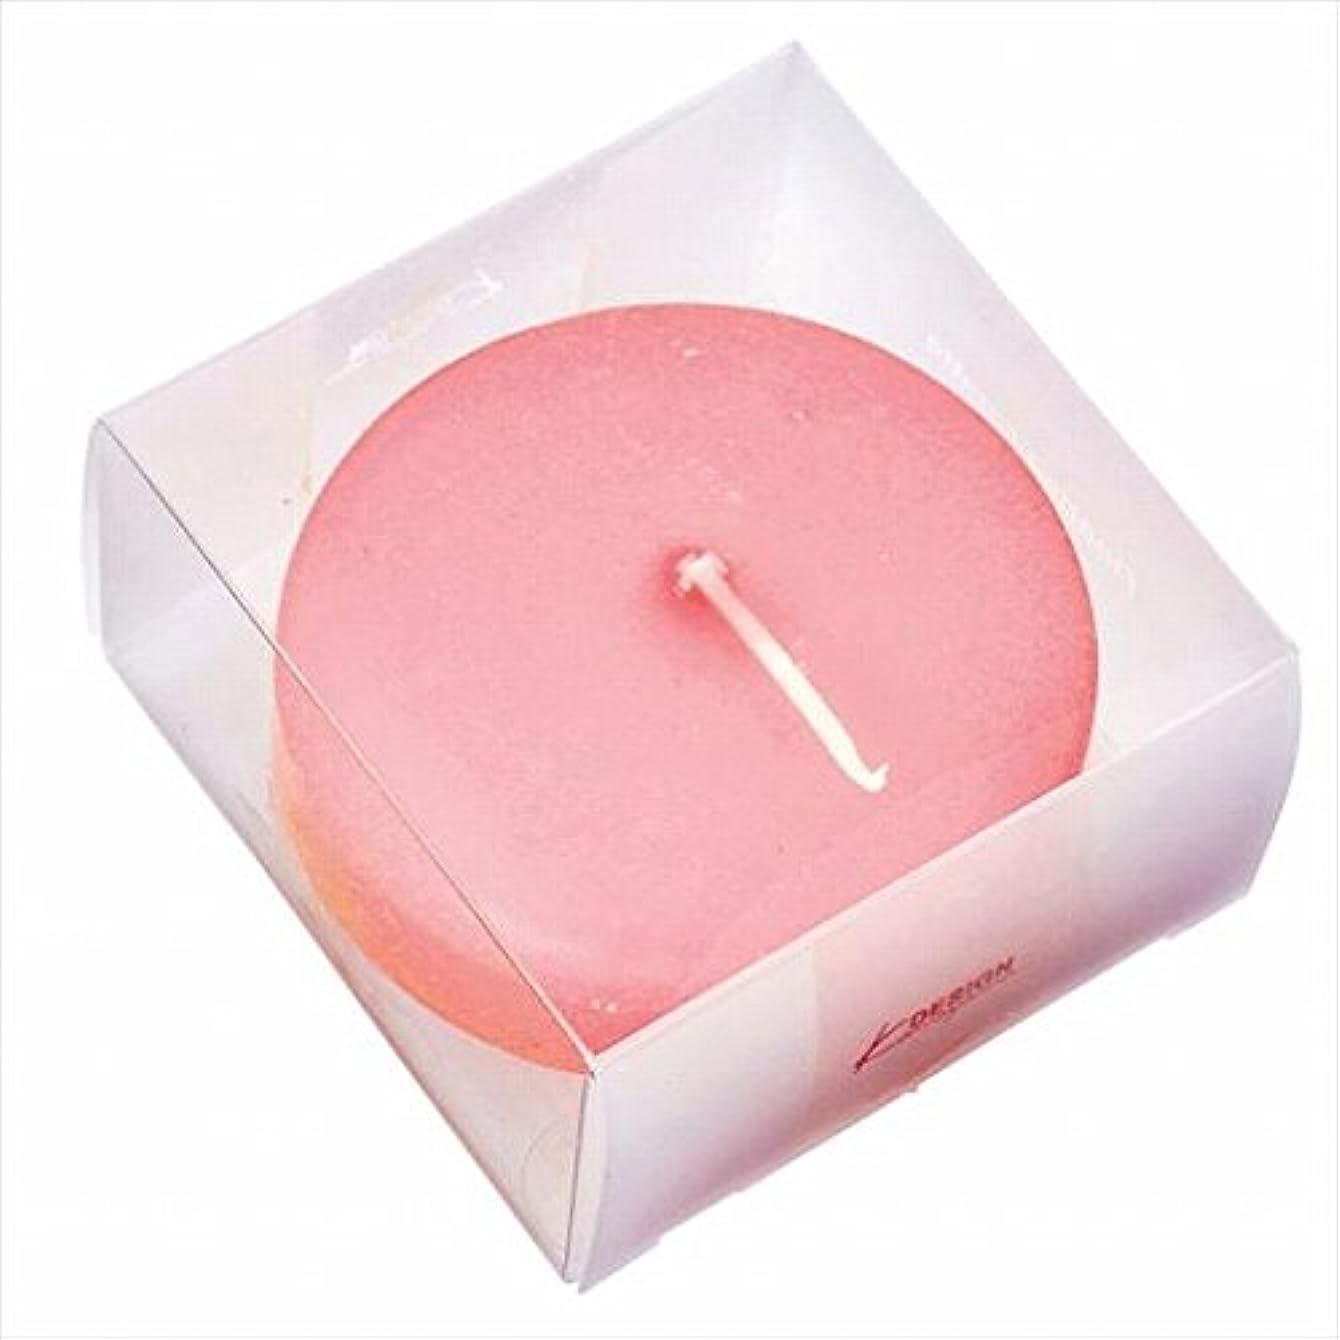 ヒゲクジラうなるレオナルドダカメヤマキャンドル(kameyama candle) プール80(箱入り) 「 ピーチアンバ 」